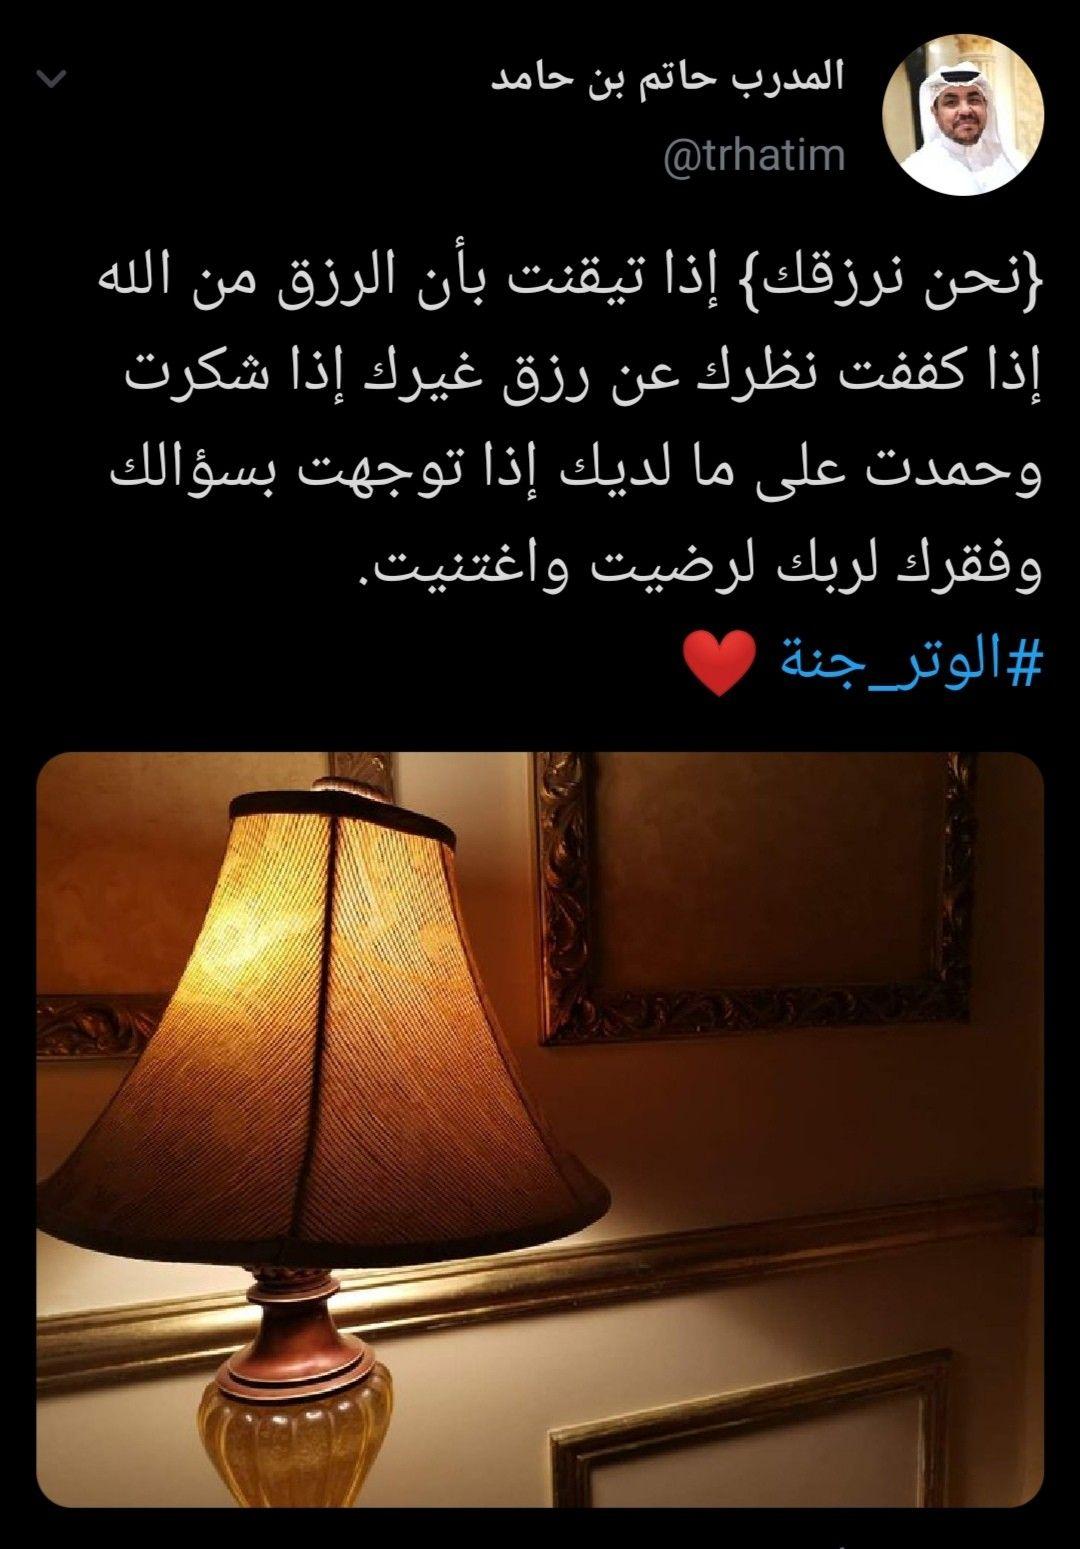 Pin By Hatim Bin Hamed On الوتر جنة القلوب Movie Posters Movies Poster